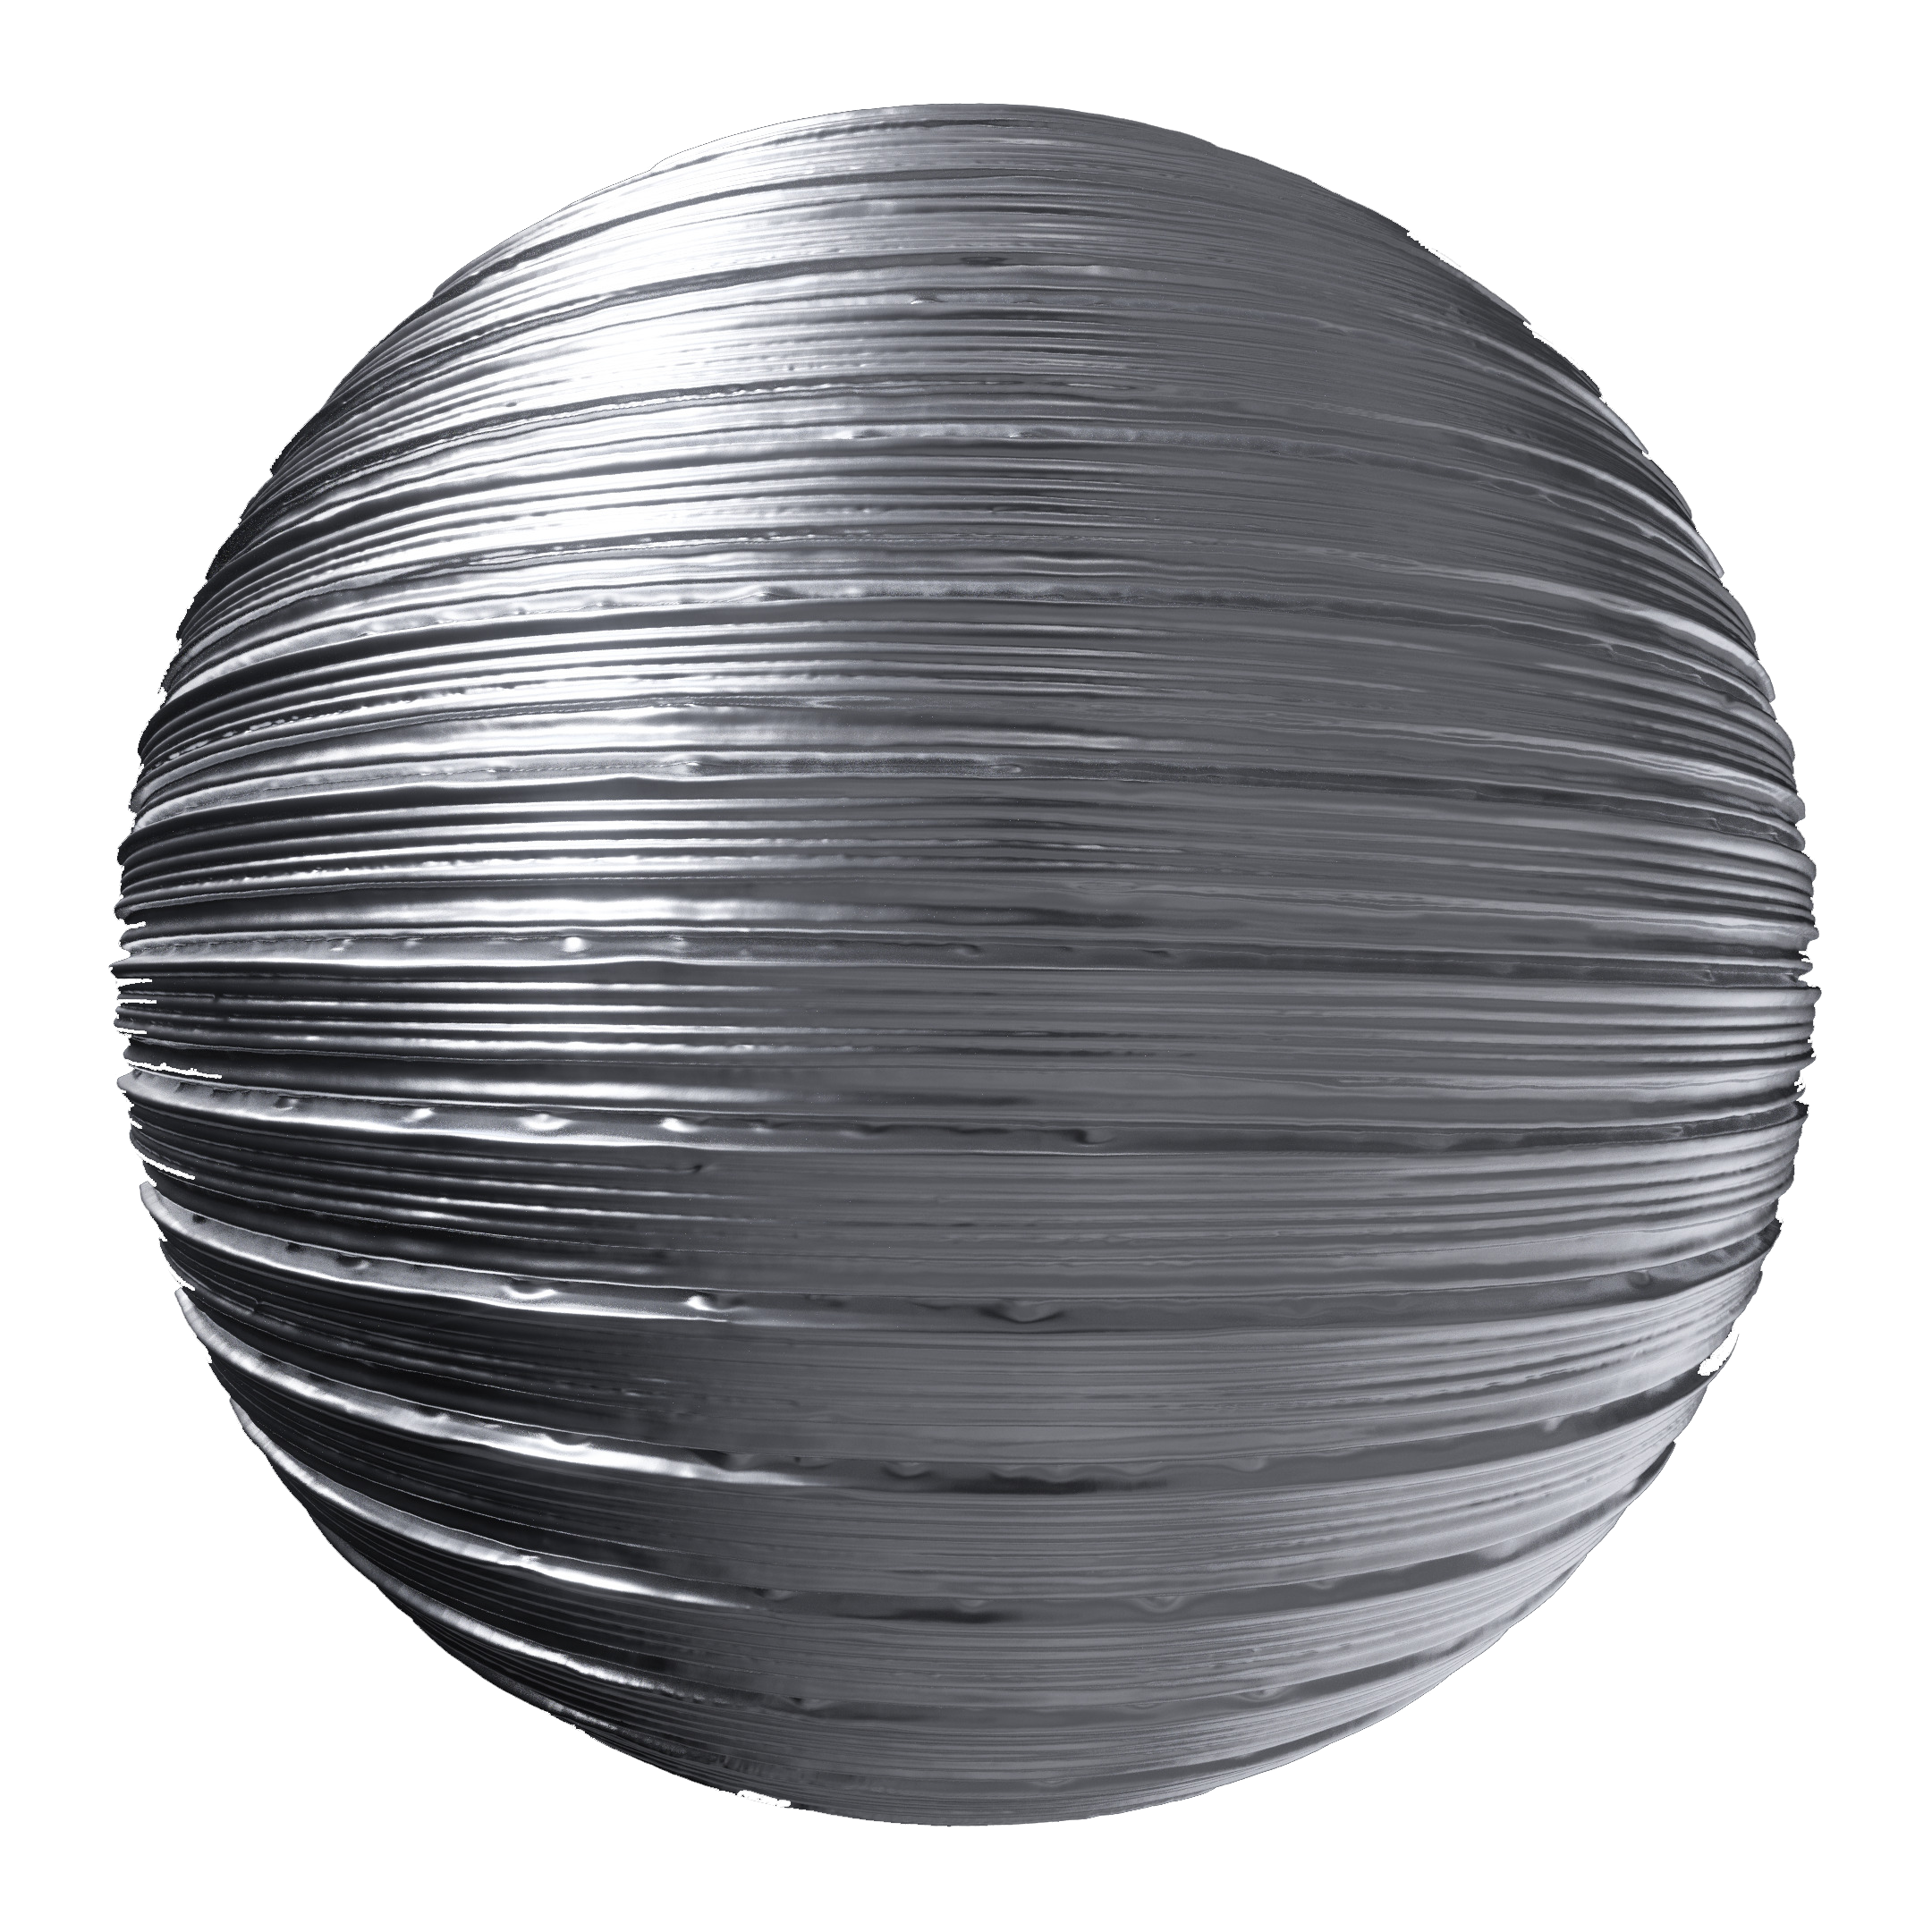 TexturesCom_Aluminium_Pipe_Collapsed_header4 copy.png